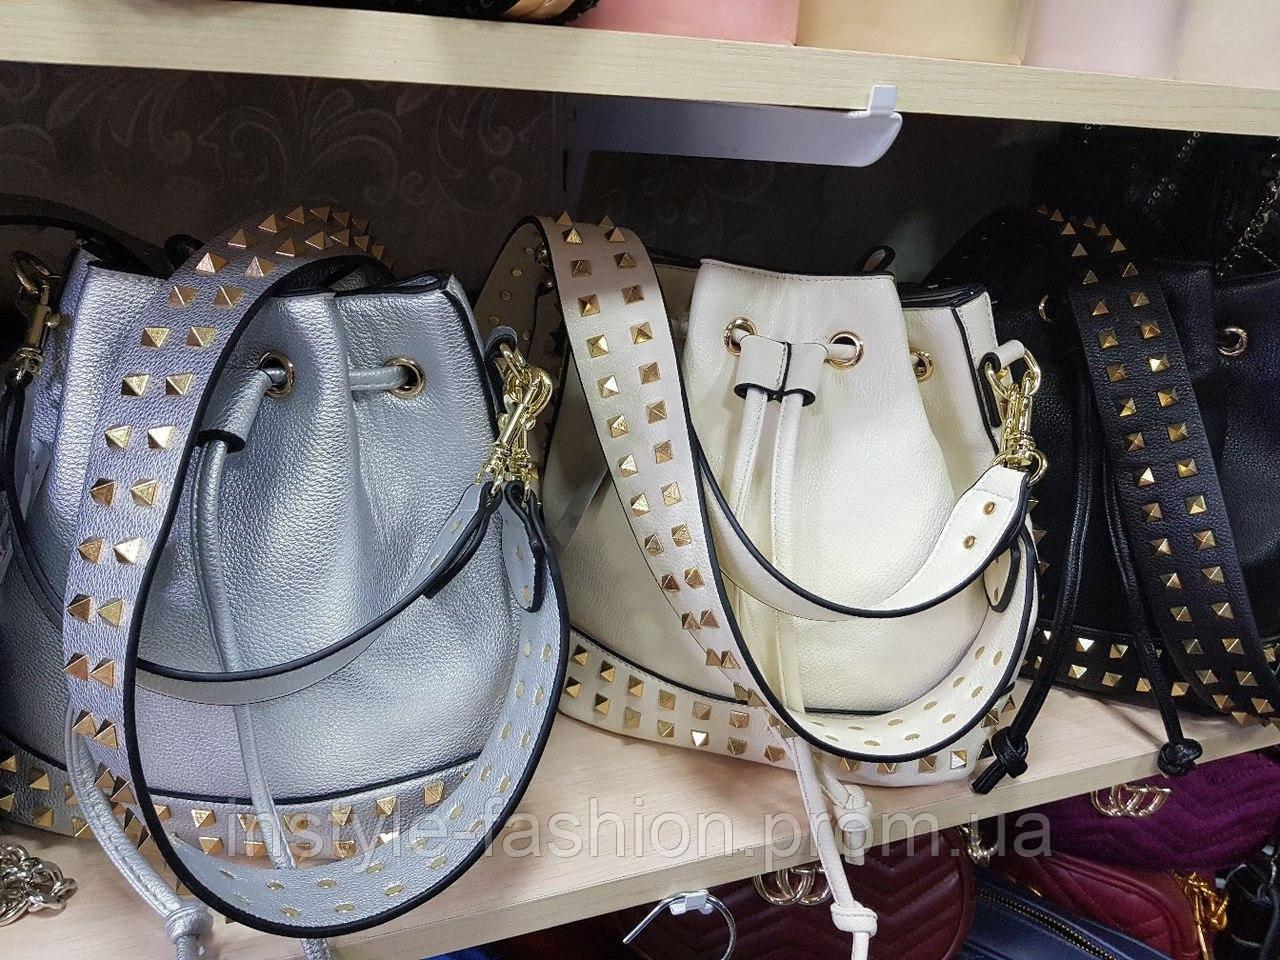 6f96316574a3 ... Женская сумка мешок копия Валентино Valentino качественная эко-кожа  цвет черный, фото 4